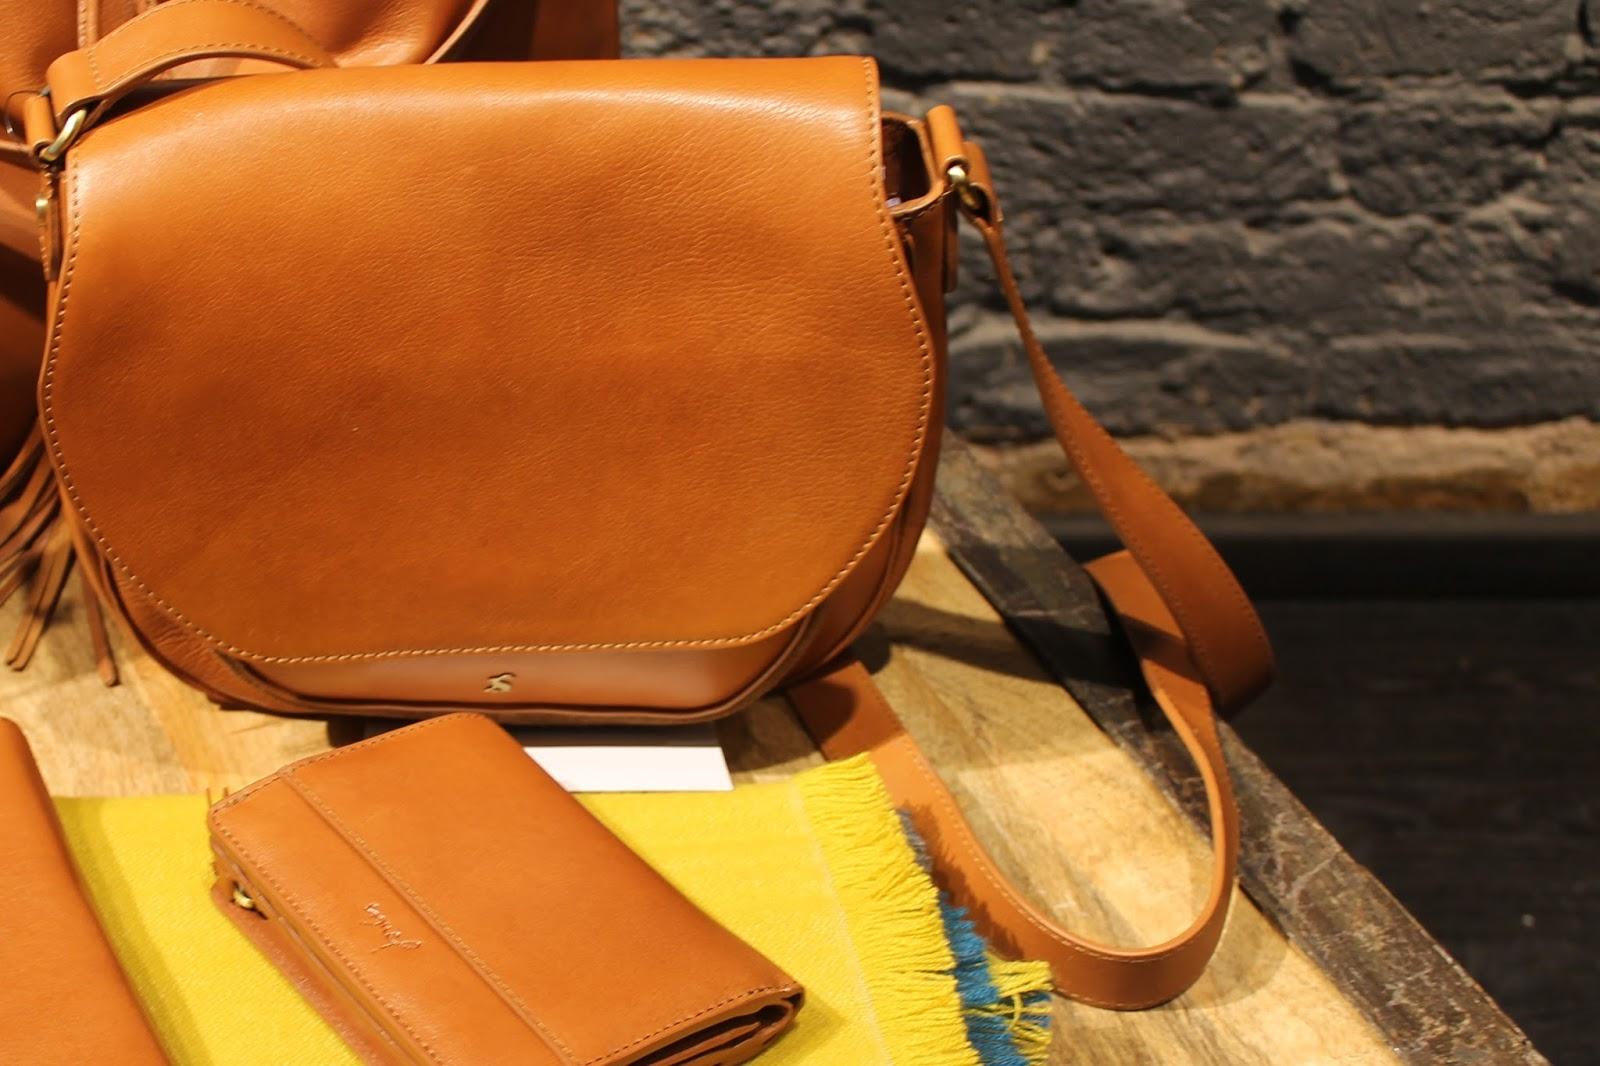 Cross Body Bag Shoulder Bag For Work /& College Duran Duran Messenger Bag